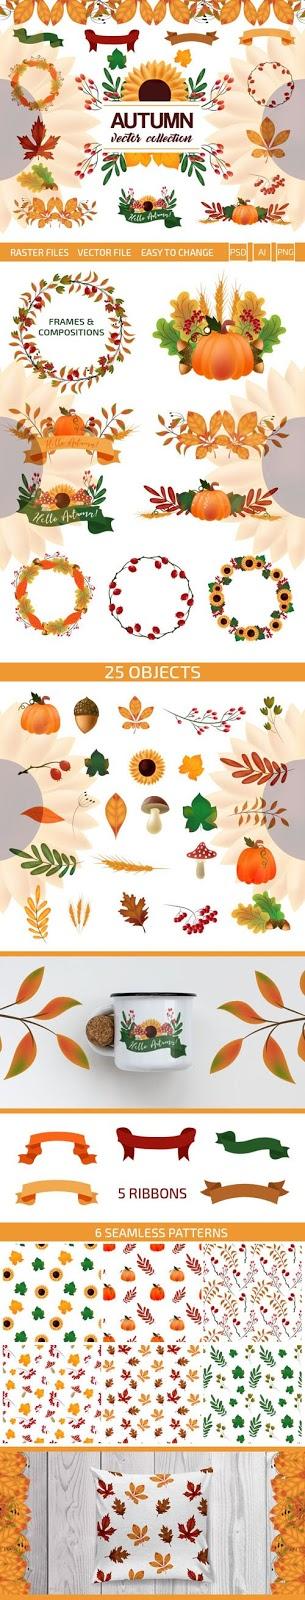 تحميل مجموعة فيكتور للخريف بجودة عالية